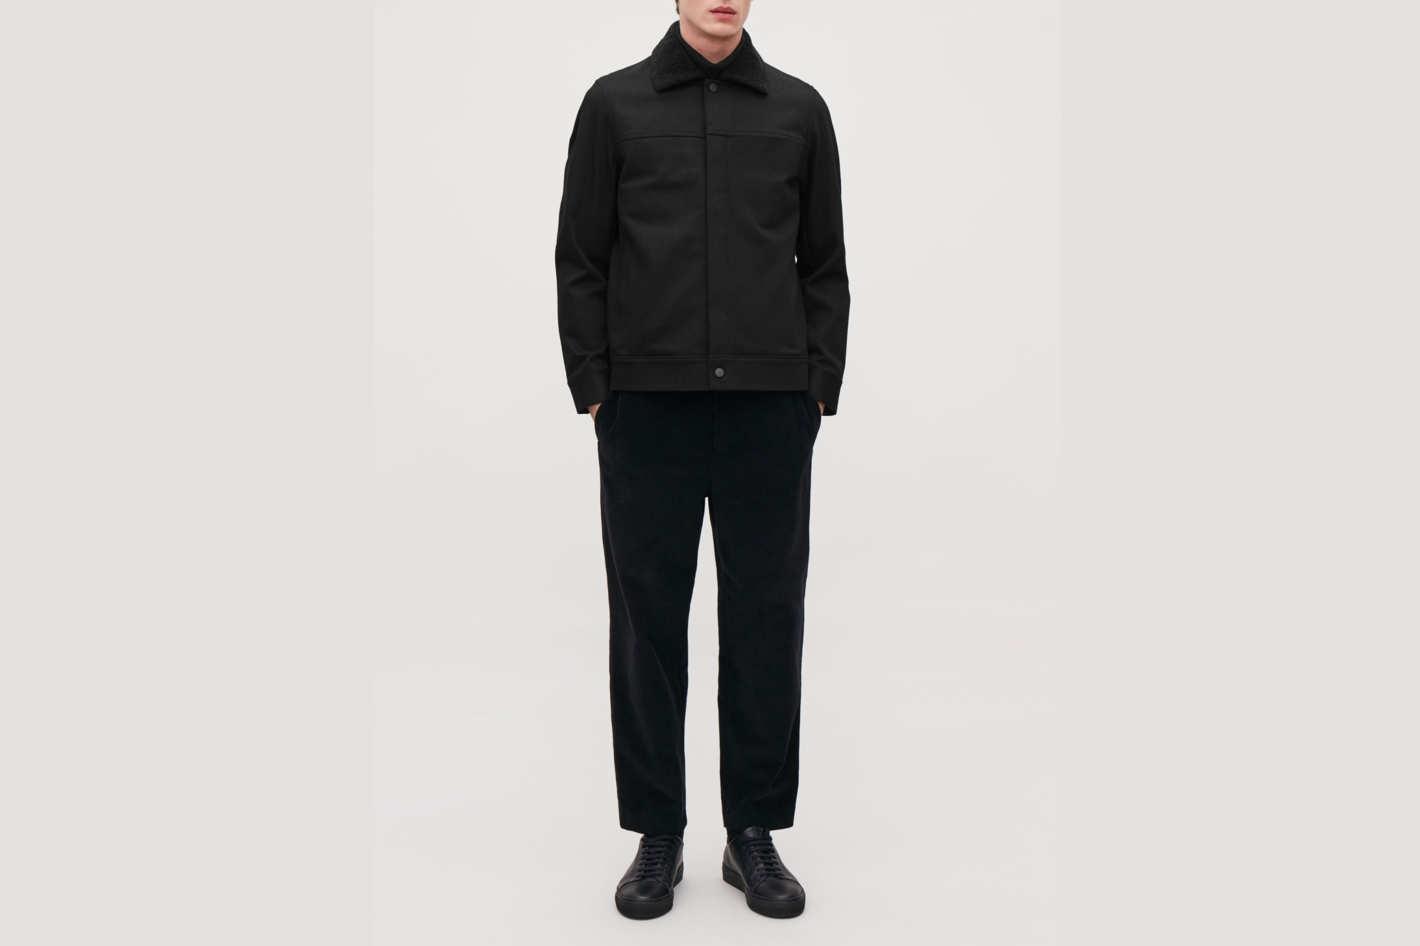 COS Denim Jacket with Teddy Lining